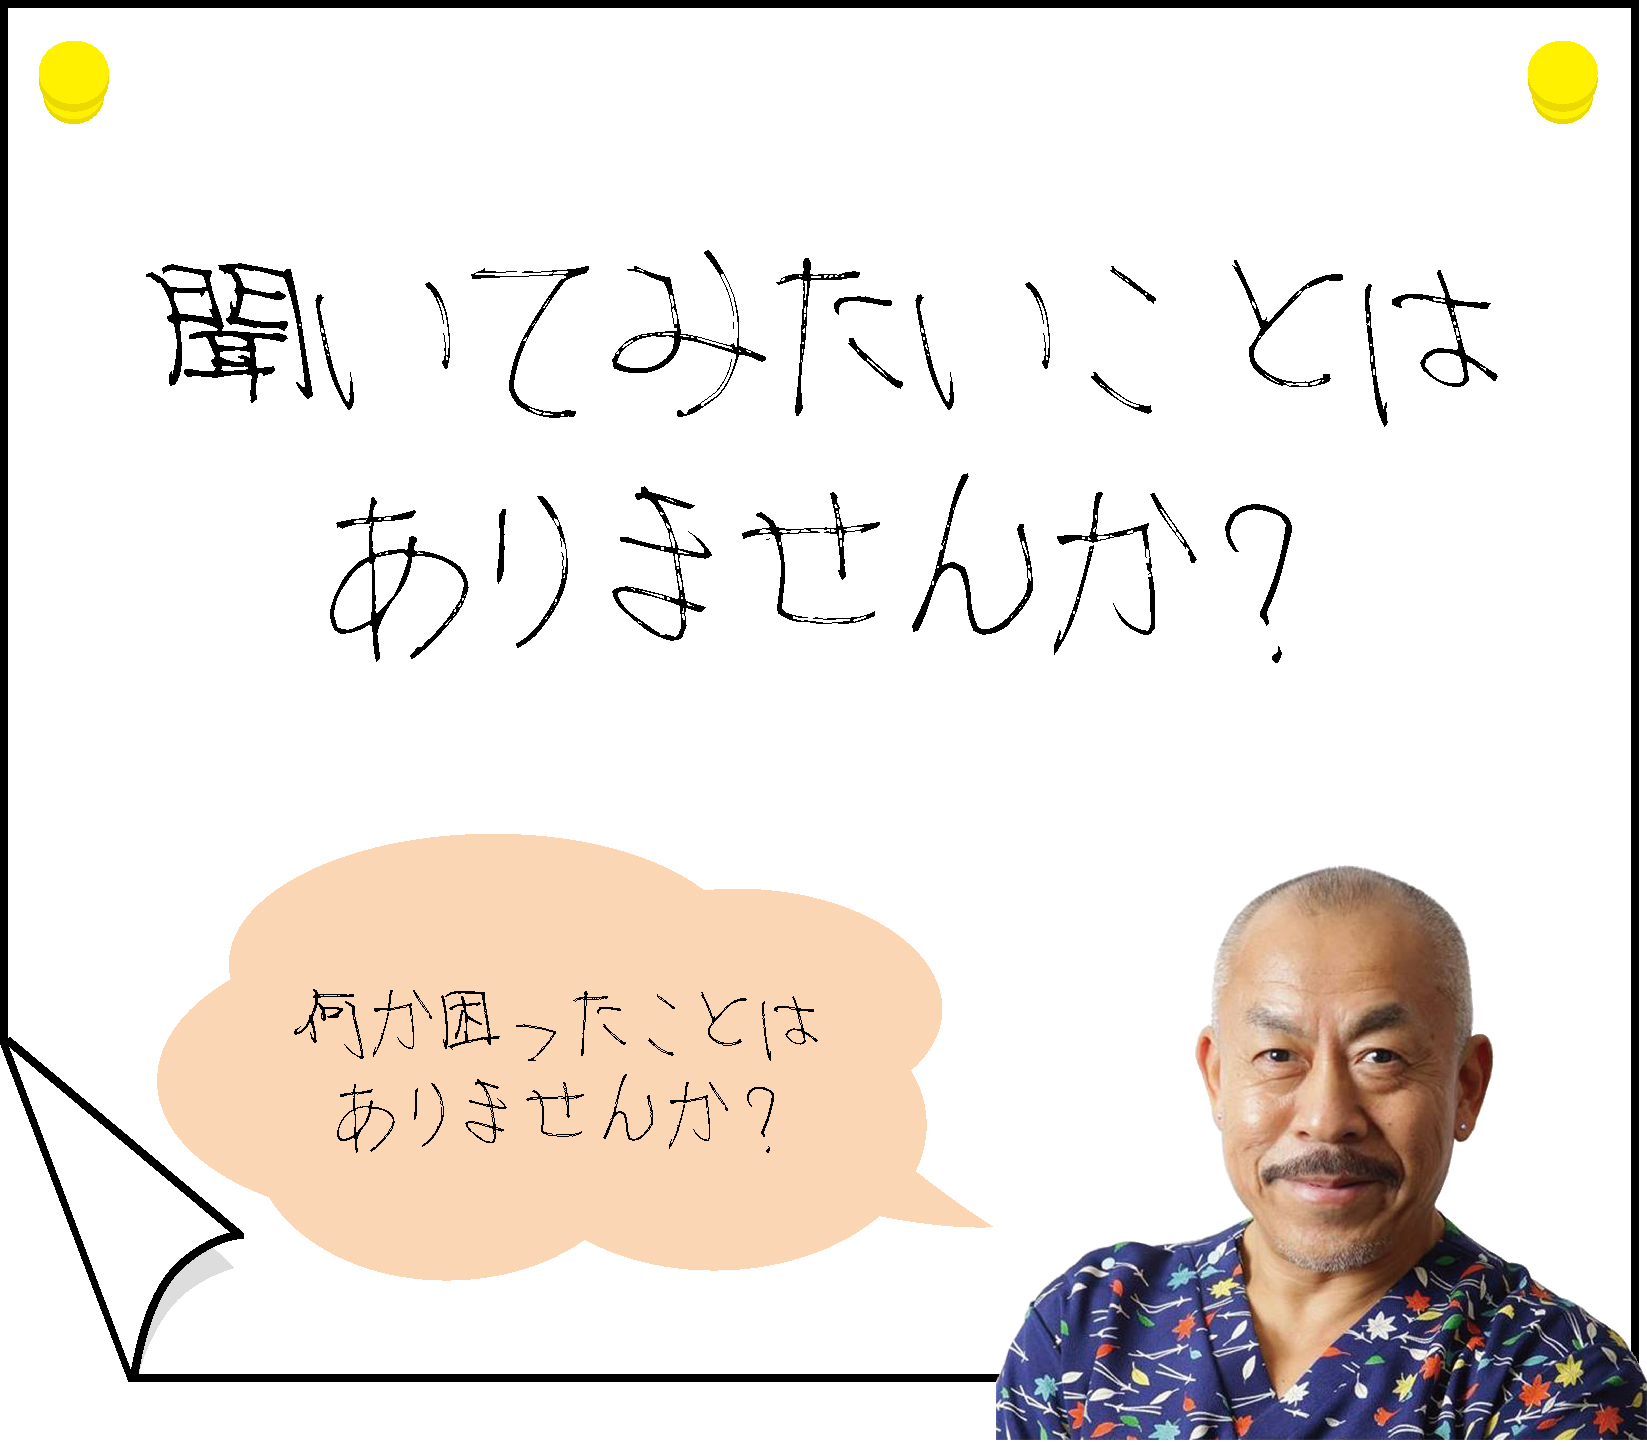 遠山塾の塾長が質問に答えます